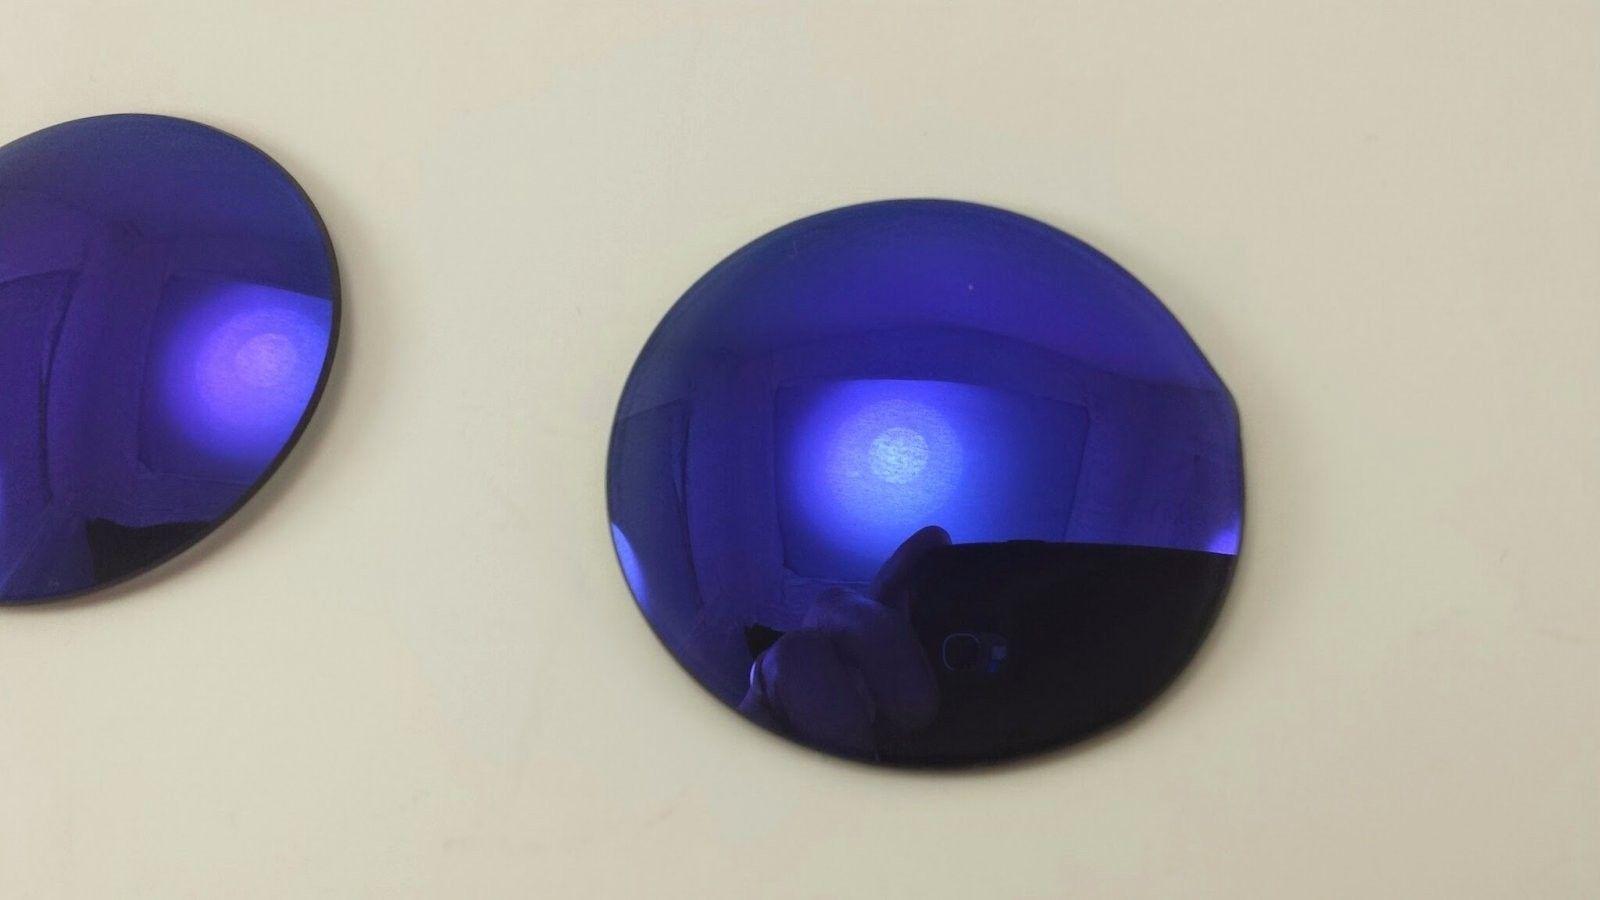 Mars Violet Non-polar Lenses - 20140622_115311.jpg